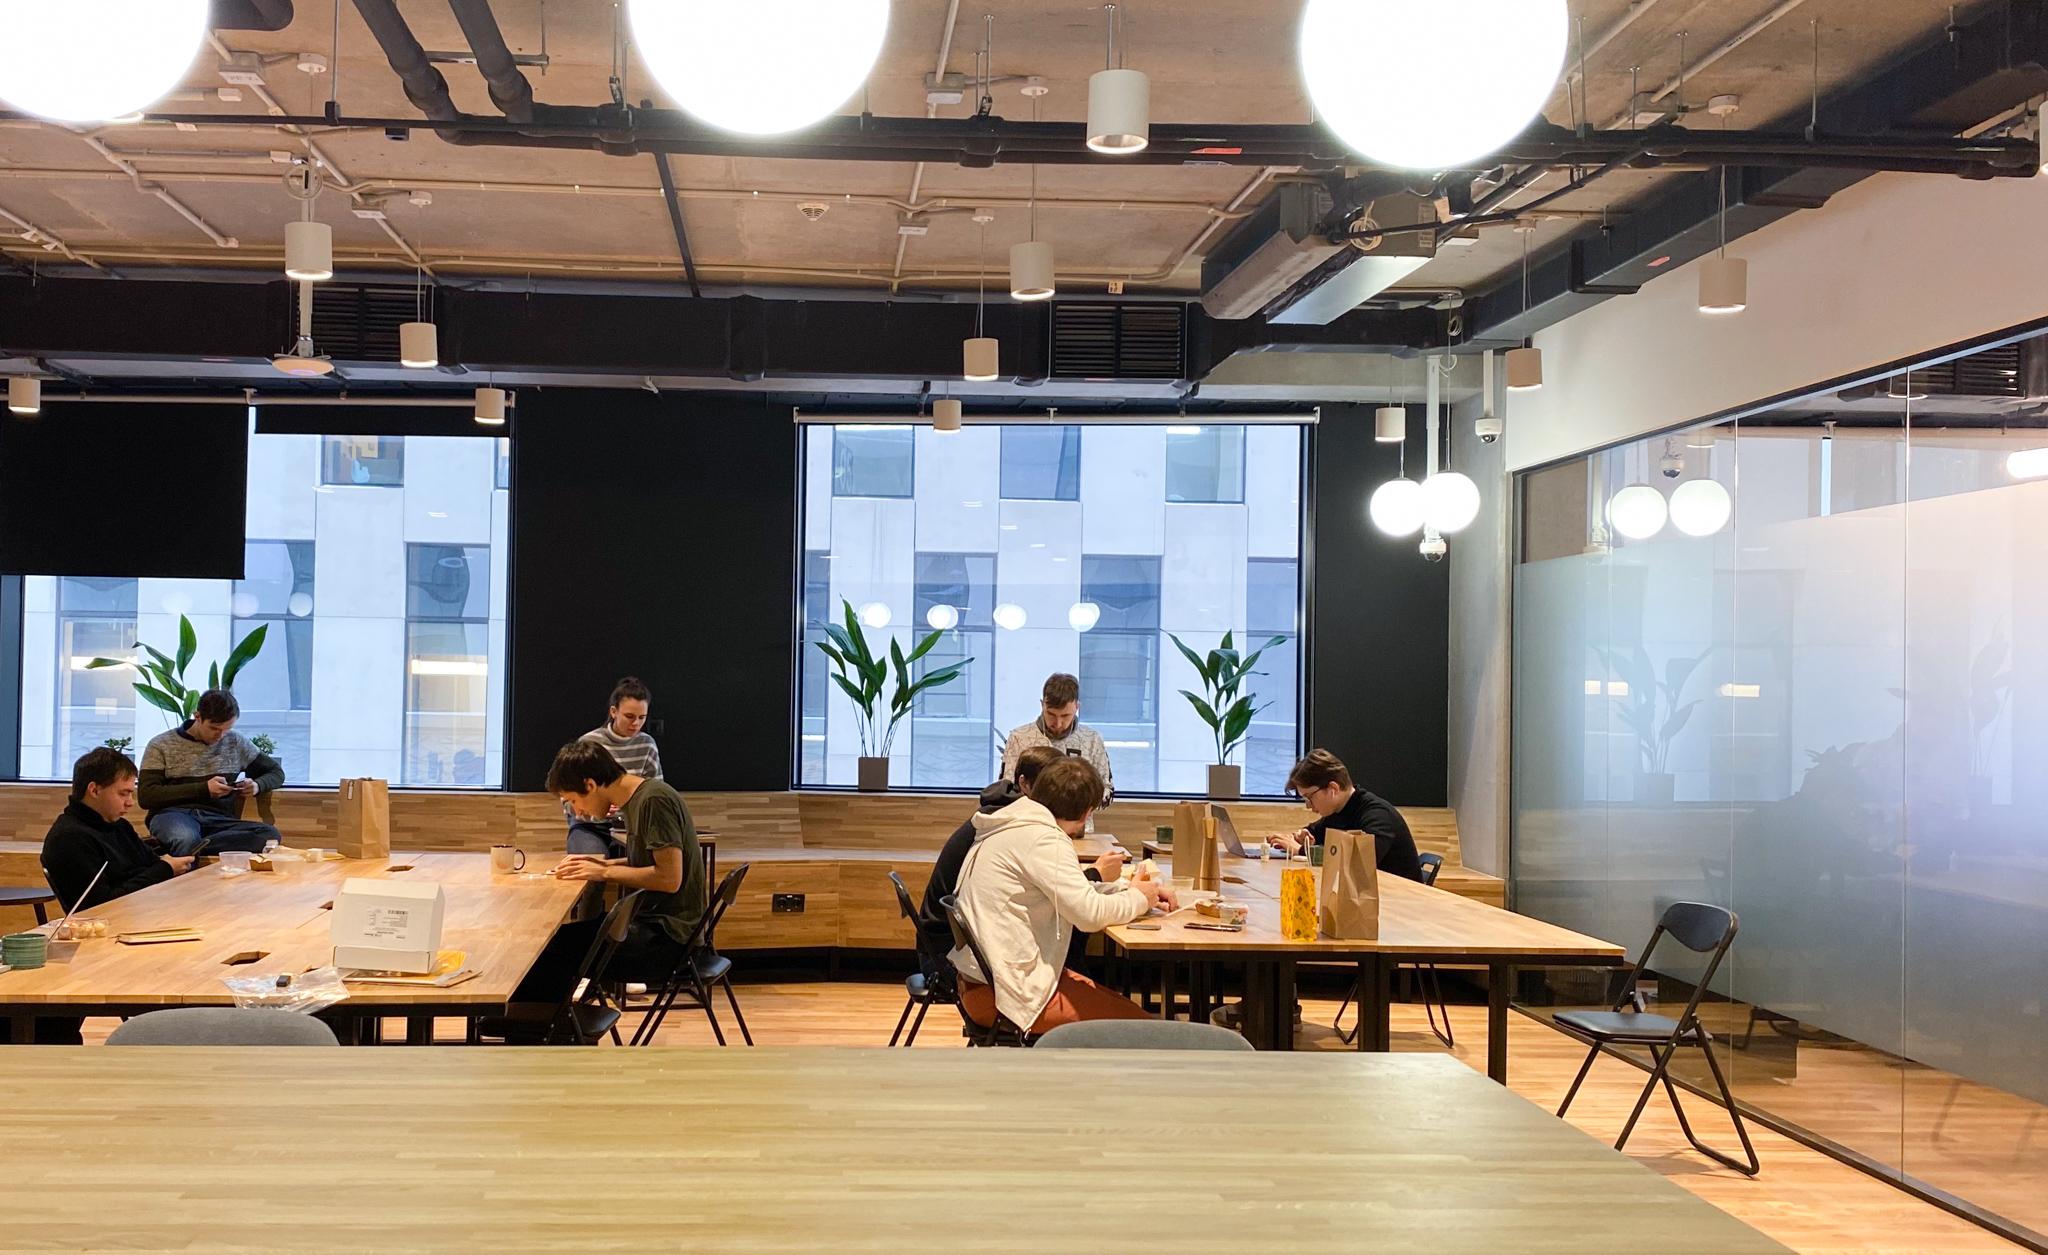 Посередине этажа небольшая кухня и холл со столами. Тут мы обедаем и работаем, если хотим немного сменить обстановку